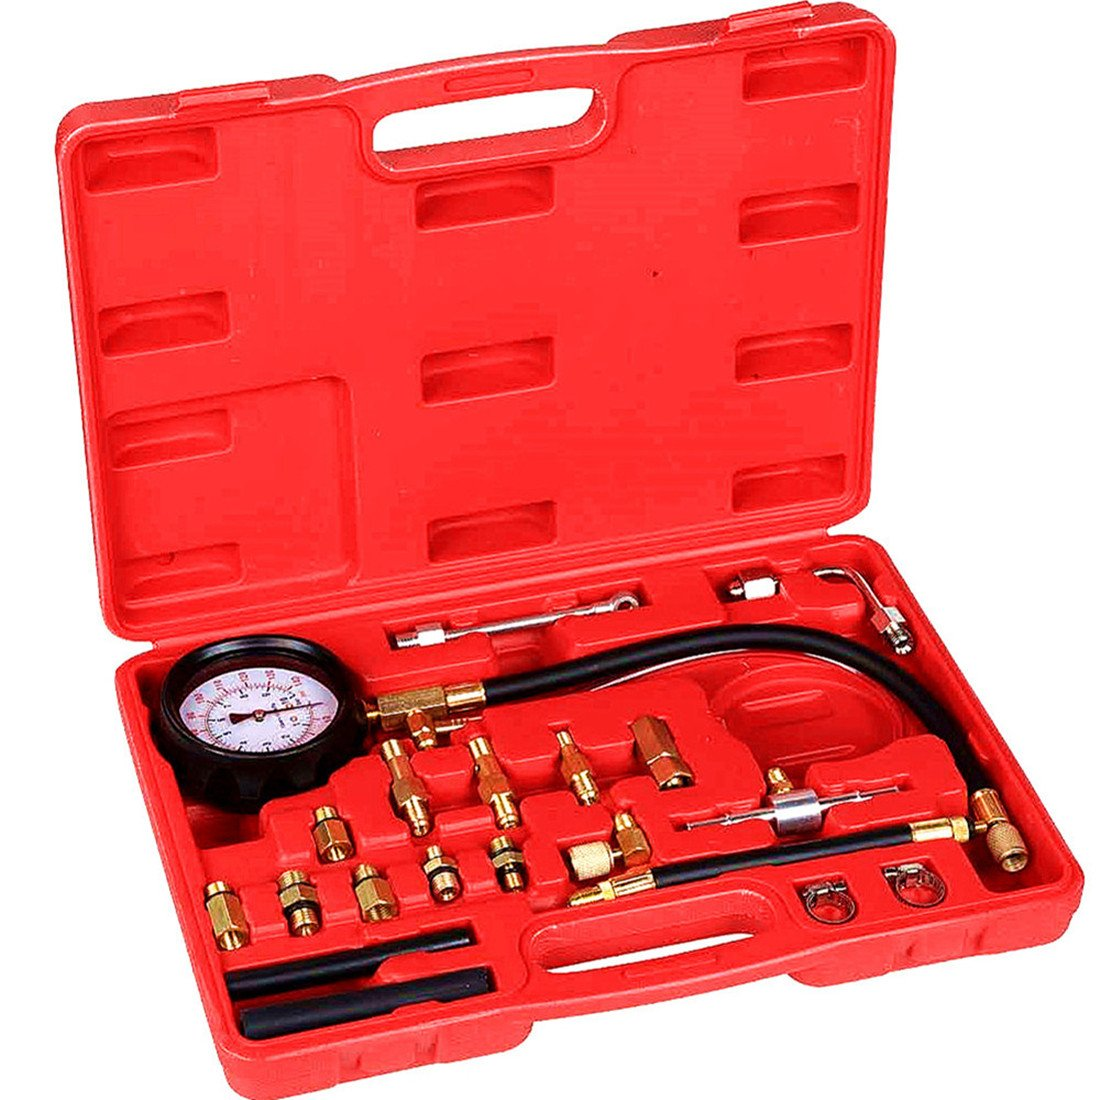 Detool Fuel Pressure Tester Fuel Injection Gas Gasoline Pressure(0-140PSI) Gauge Kit Car Tools for Cars & Truck